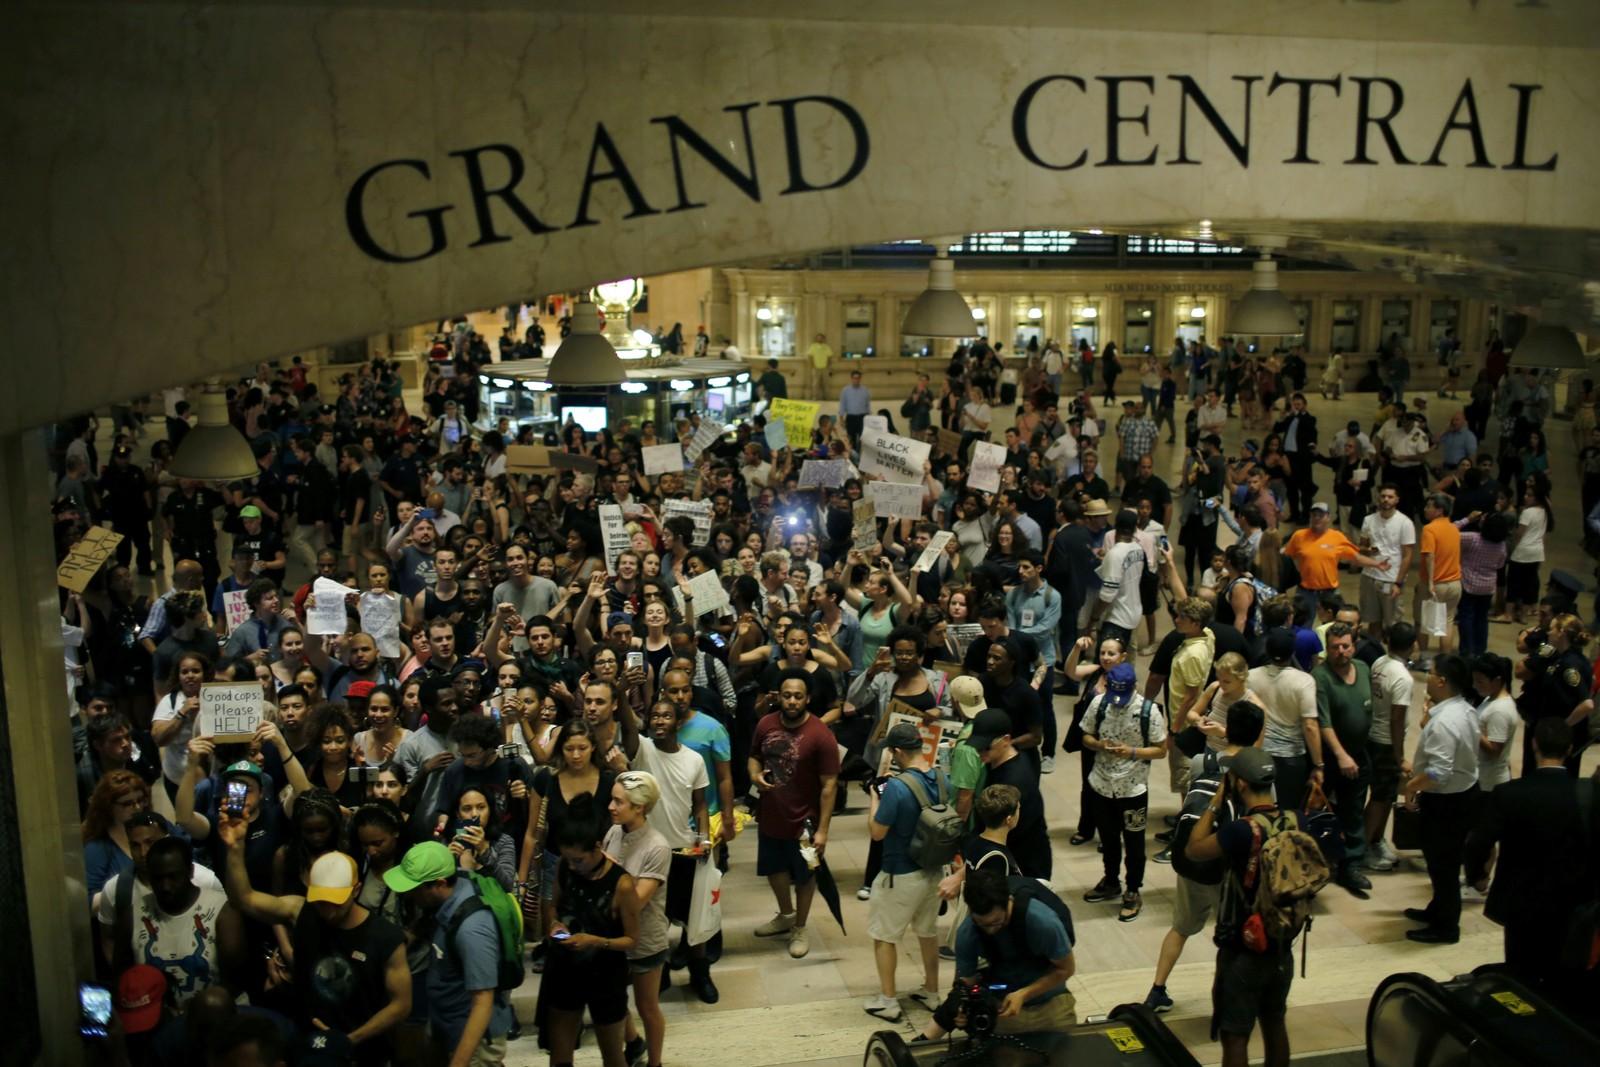 NEW YORK: I New York samlet flere tusen personer seg på Grand Central Station for å protestere mot politivold.